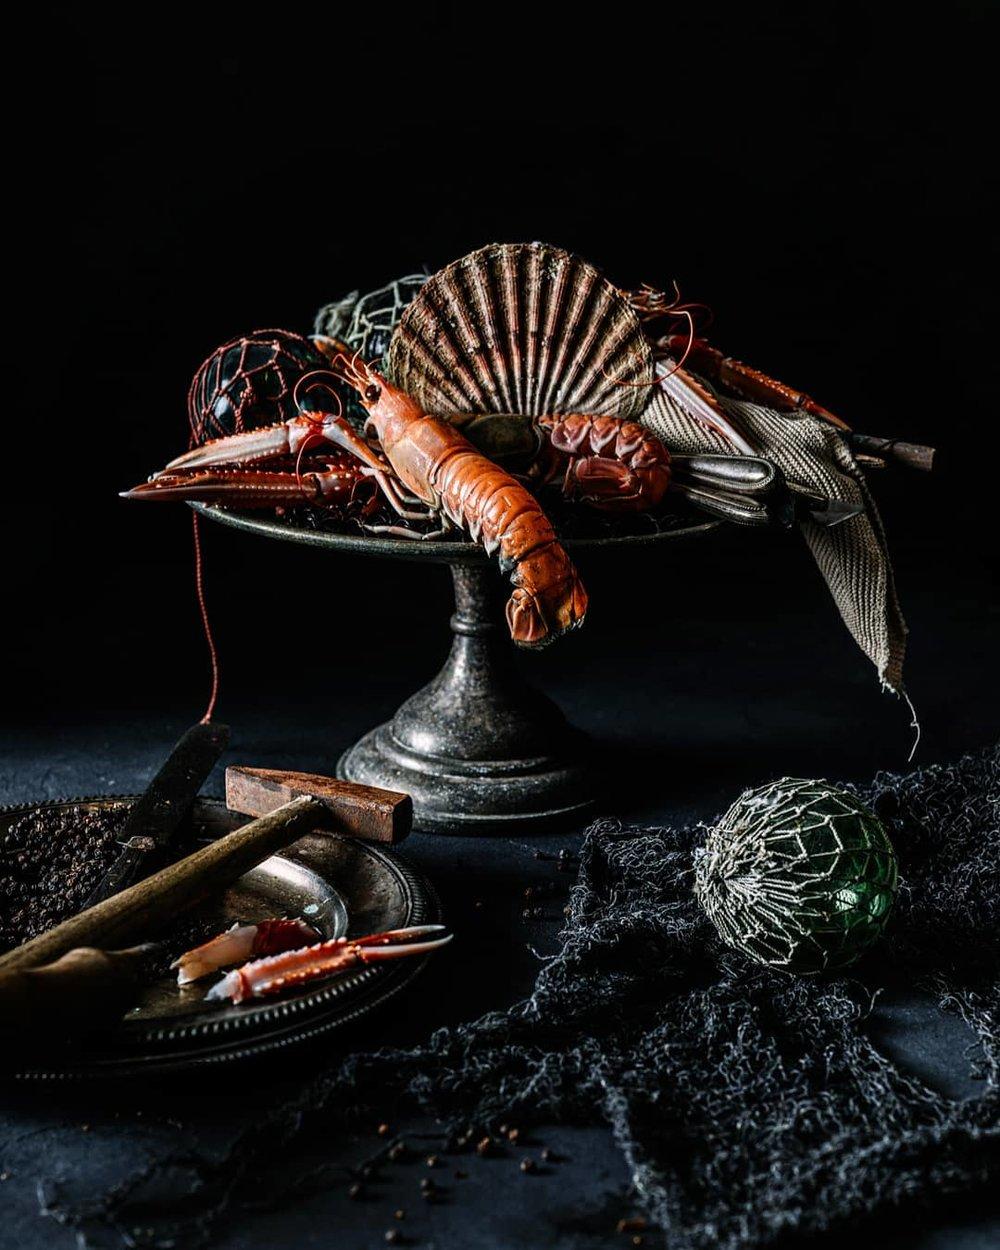 fotograf til vegg mats dreyer fotograf i oslo norge oktopus as